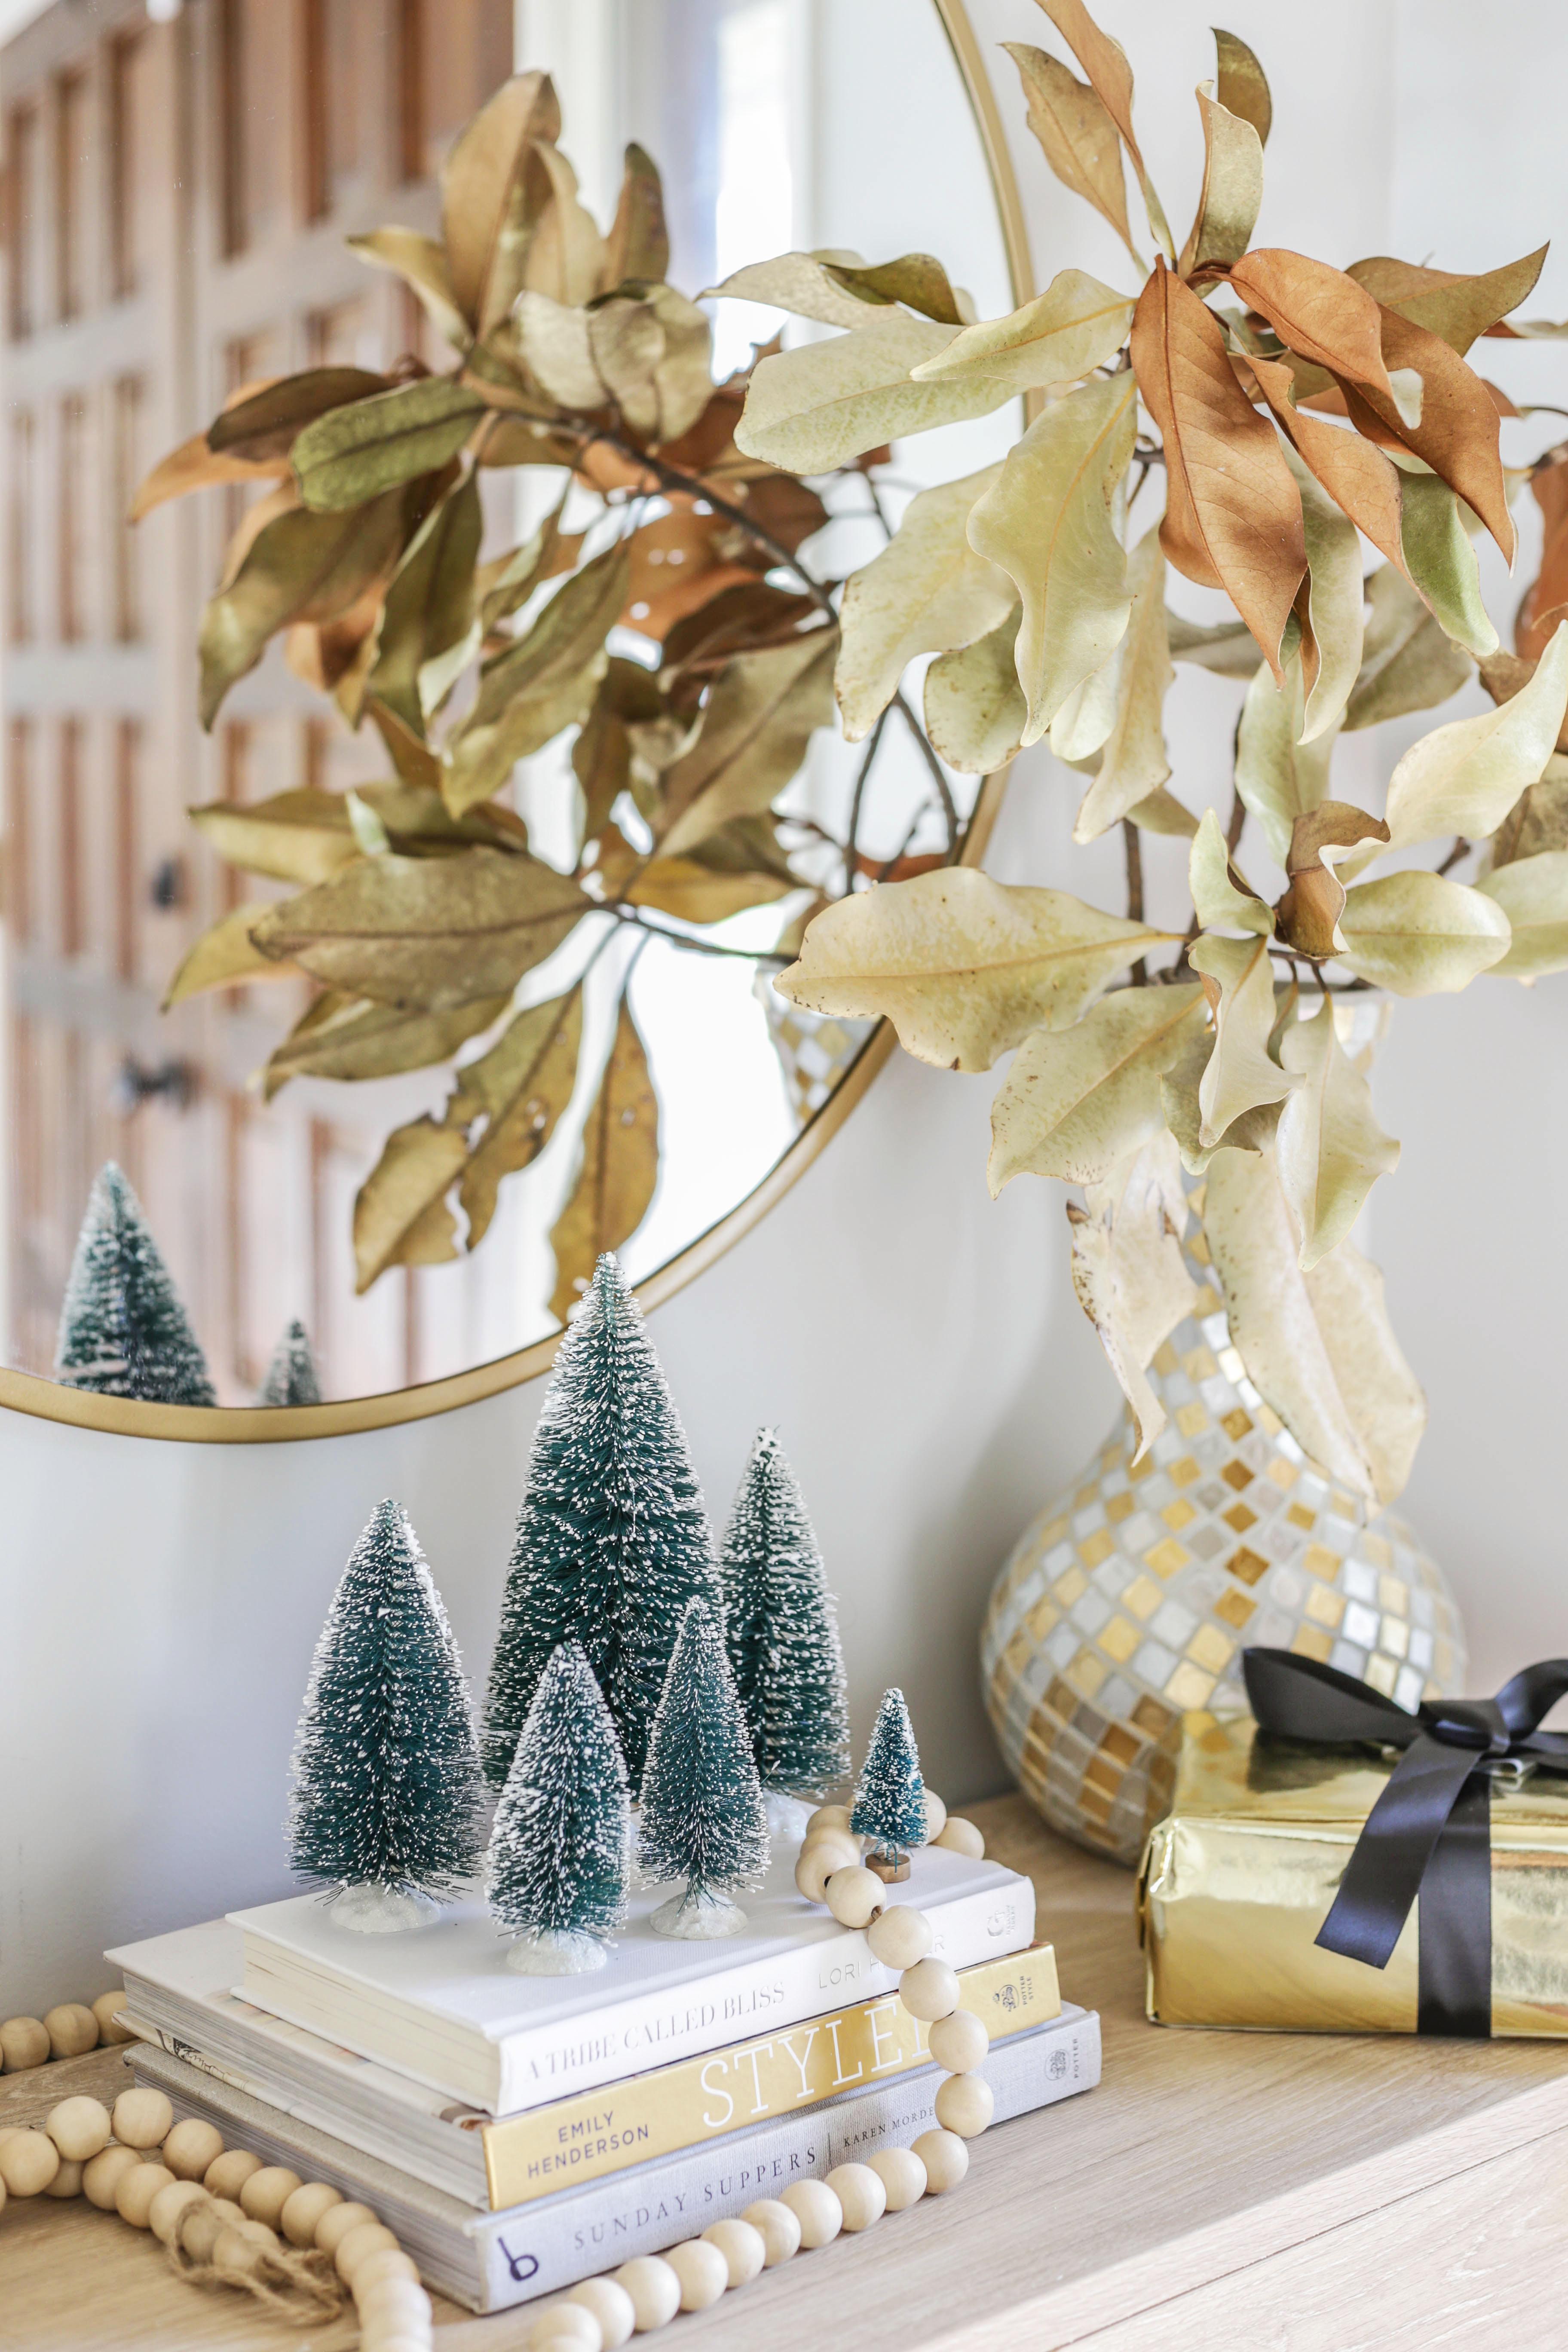 Roundup Modern Farmhouse Christmas Decor On The Cheap